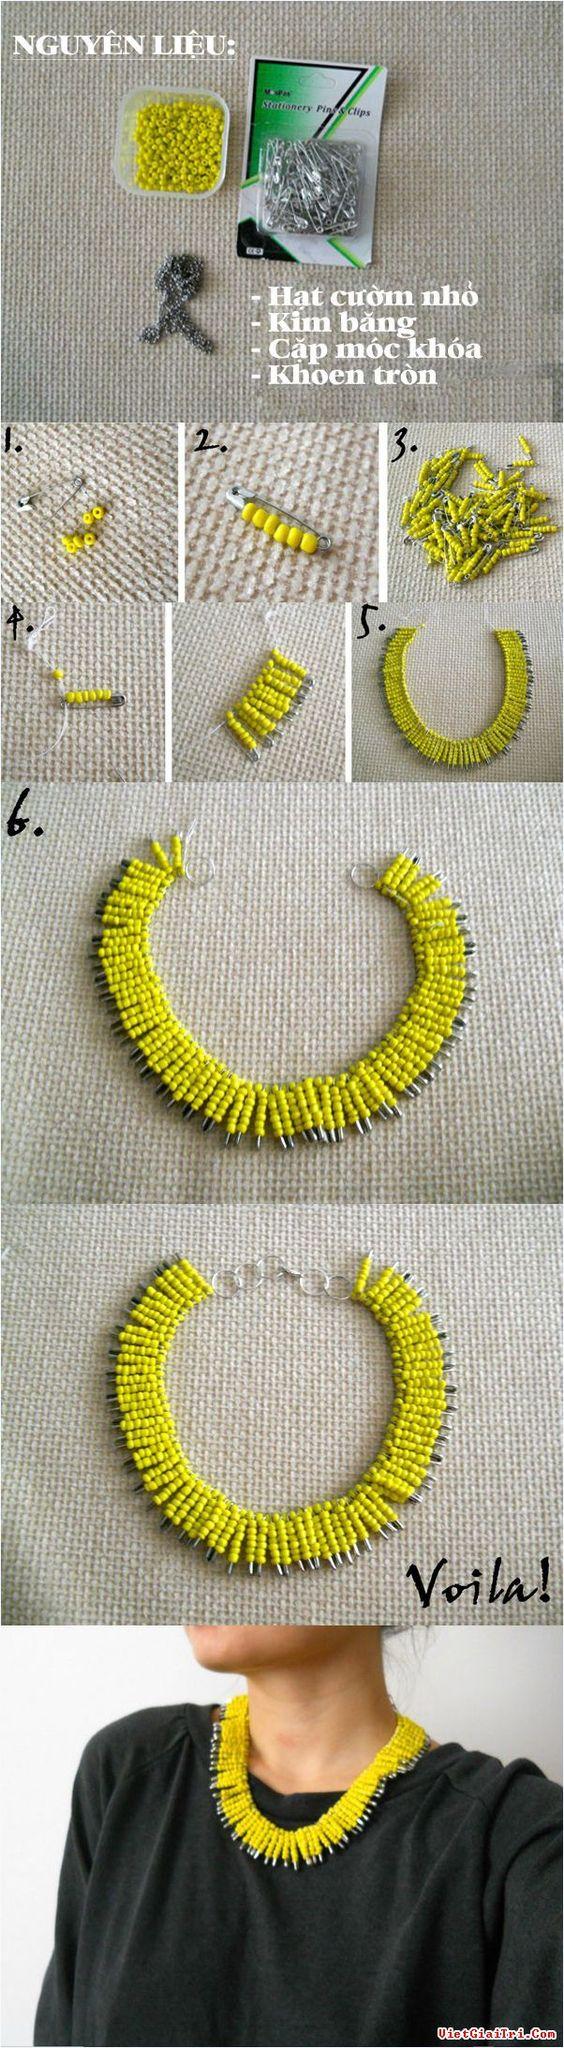 make necklaces 7